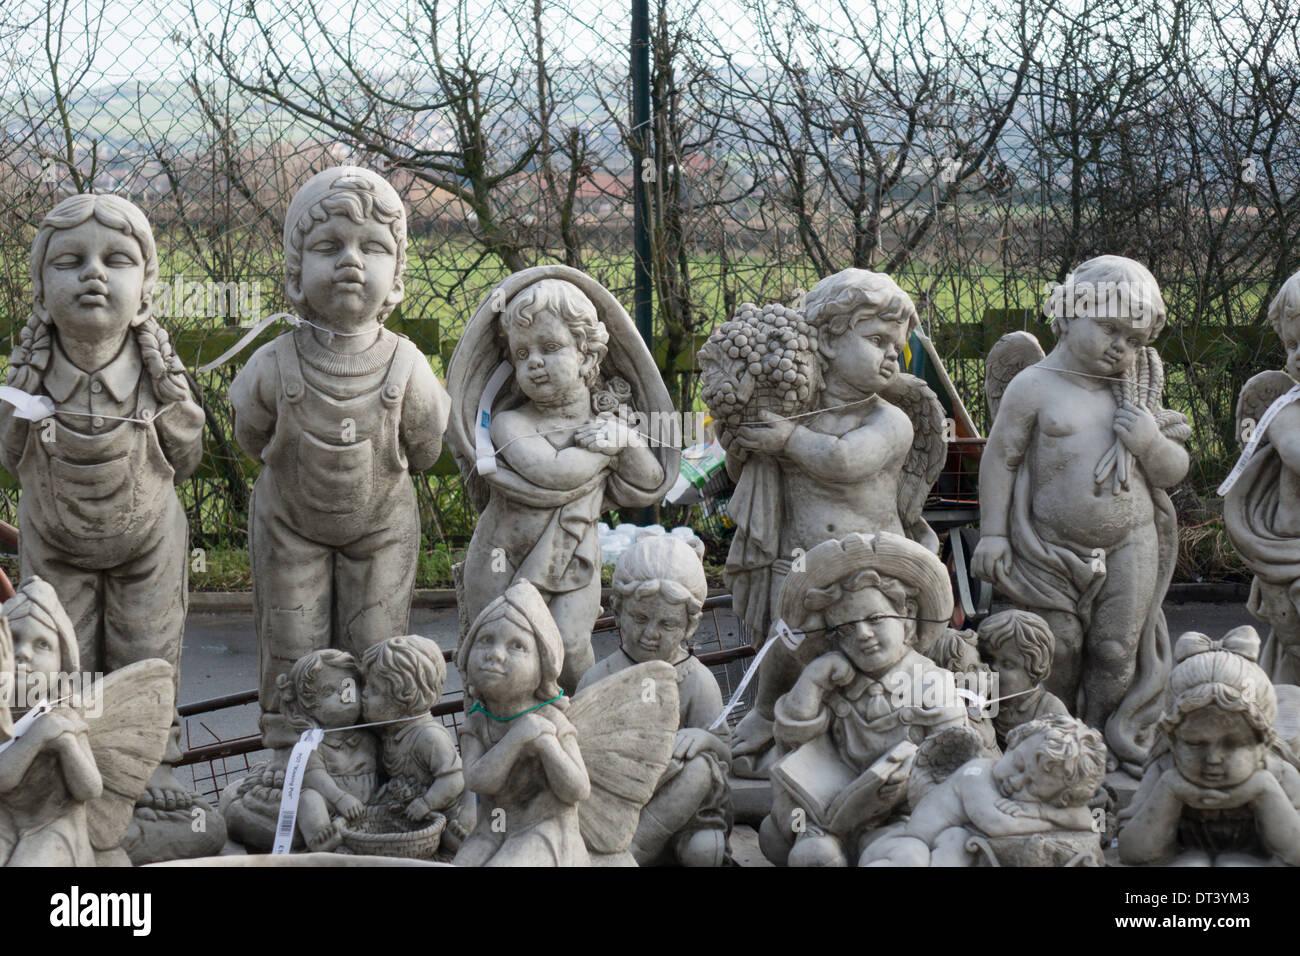 Delightful Garden Ornament Cast Stone Statues For Sale In A Garden Centre   Stock Image